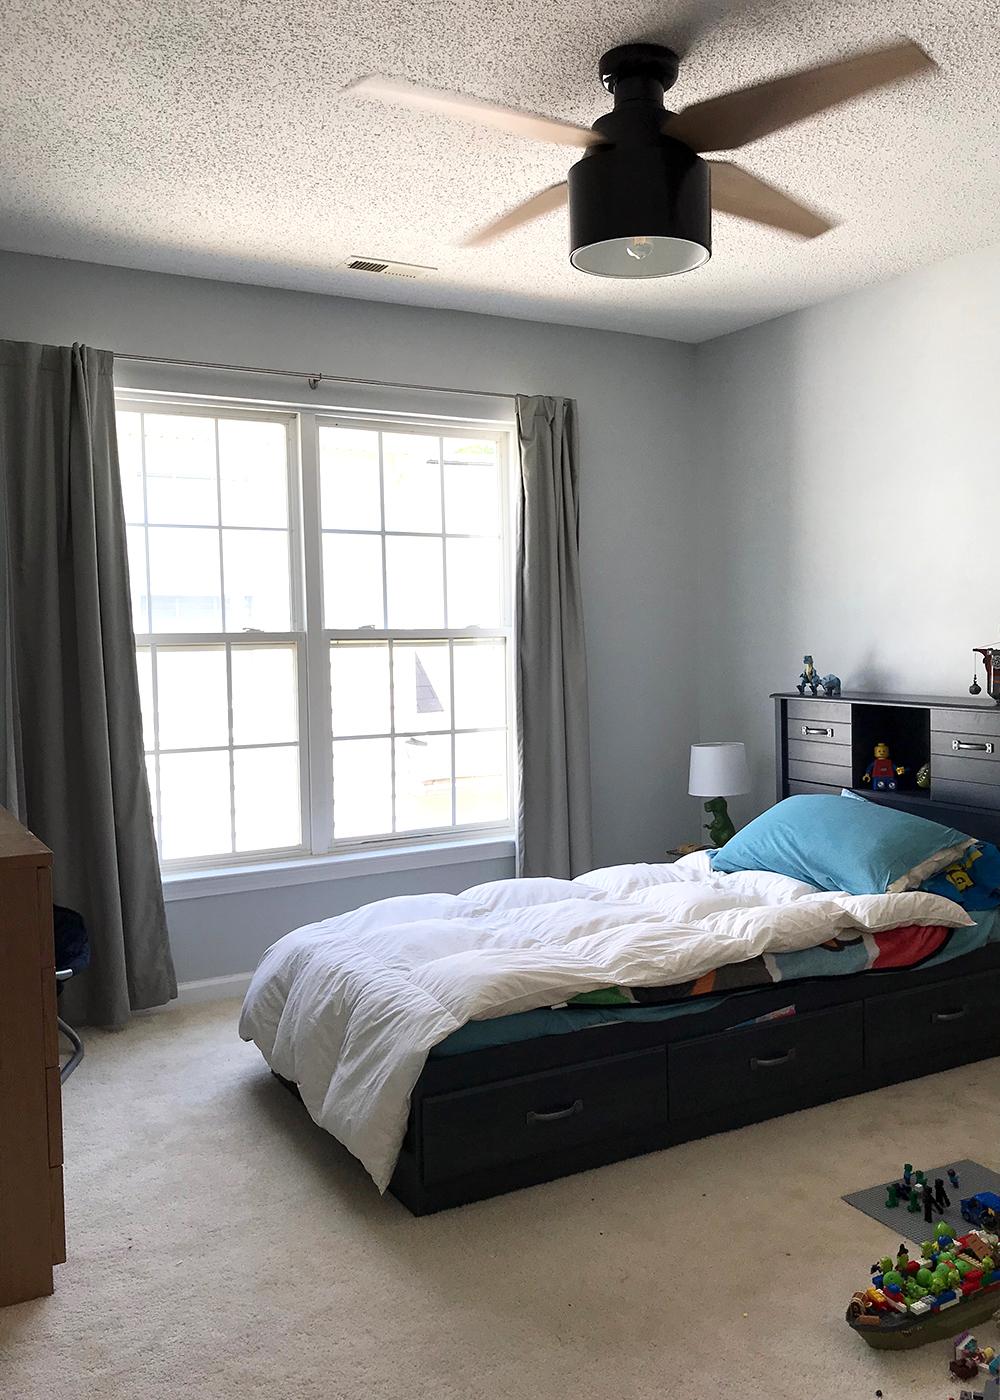 Boy's room in SW Misty with Cranbrook fan